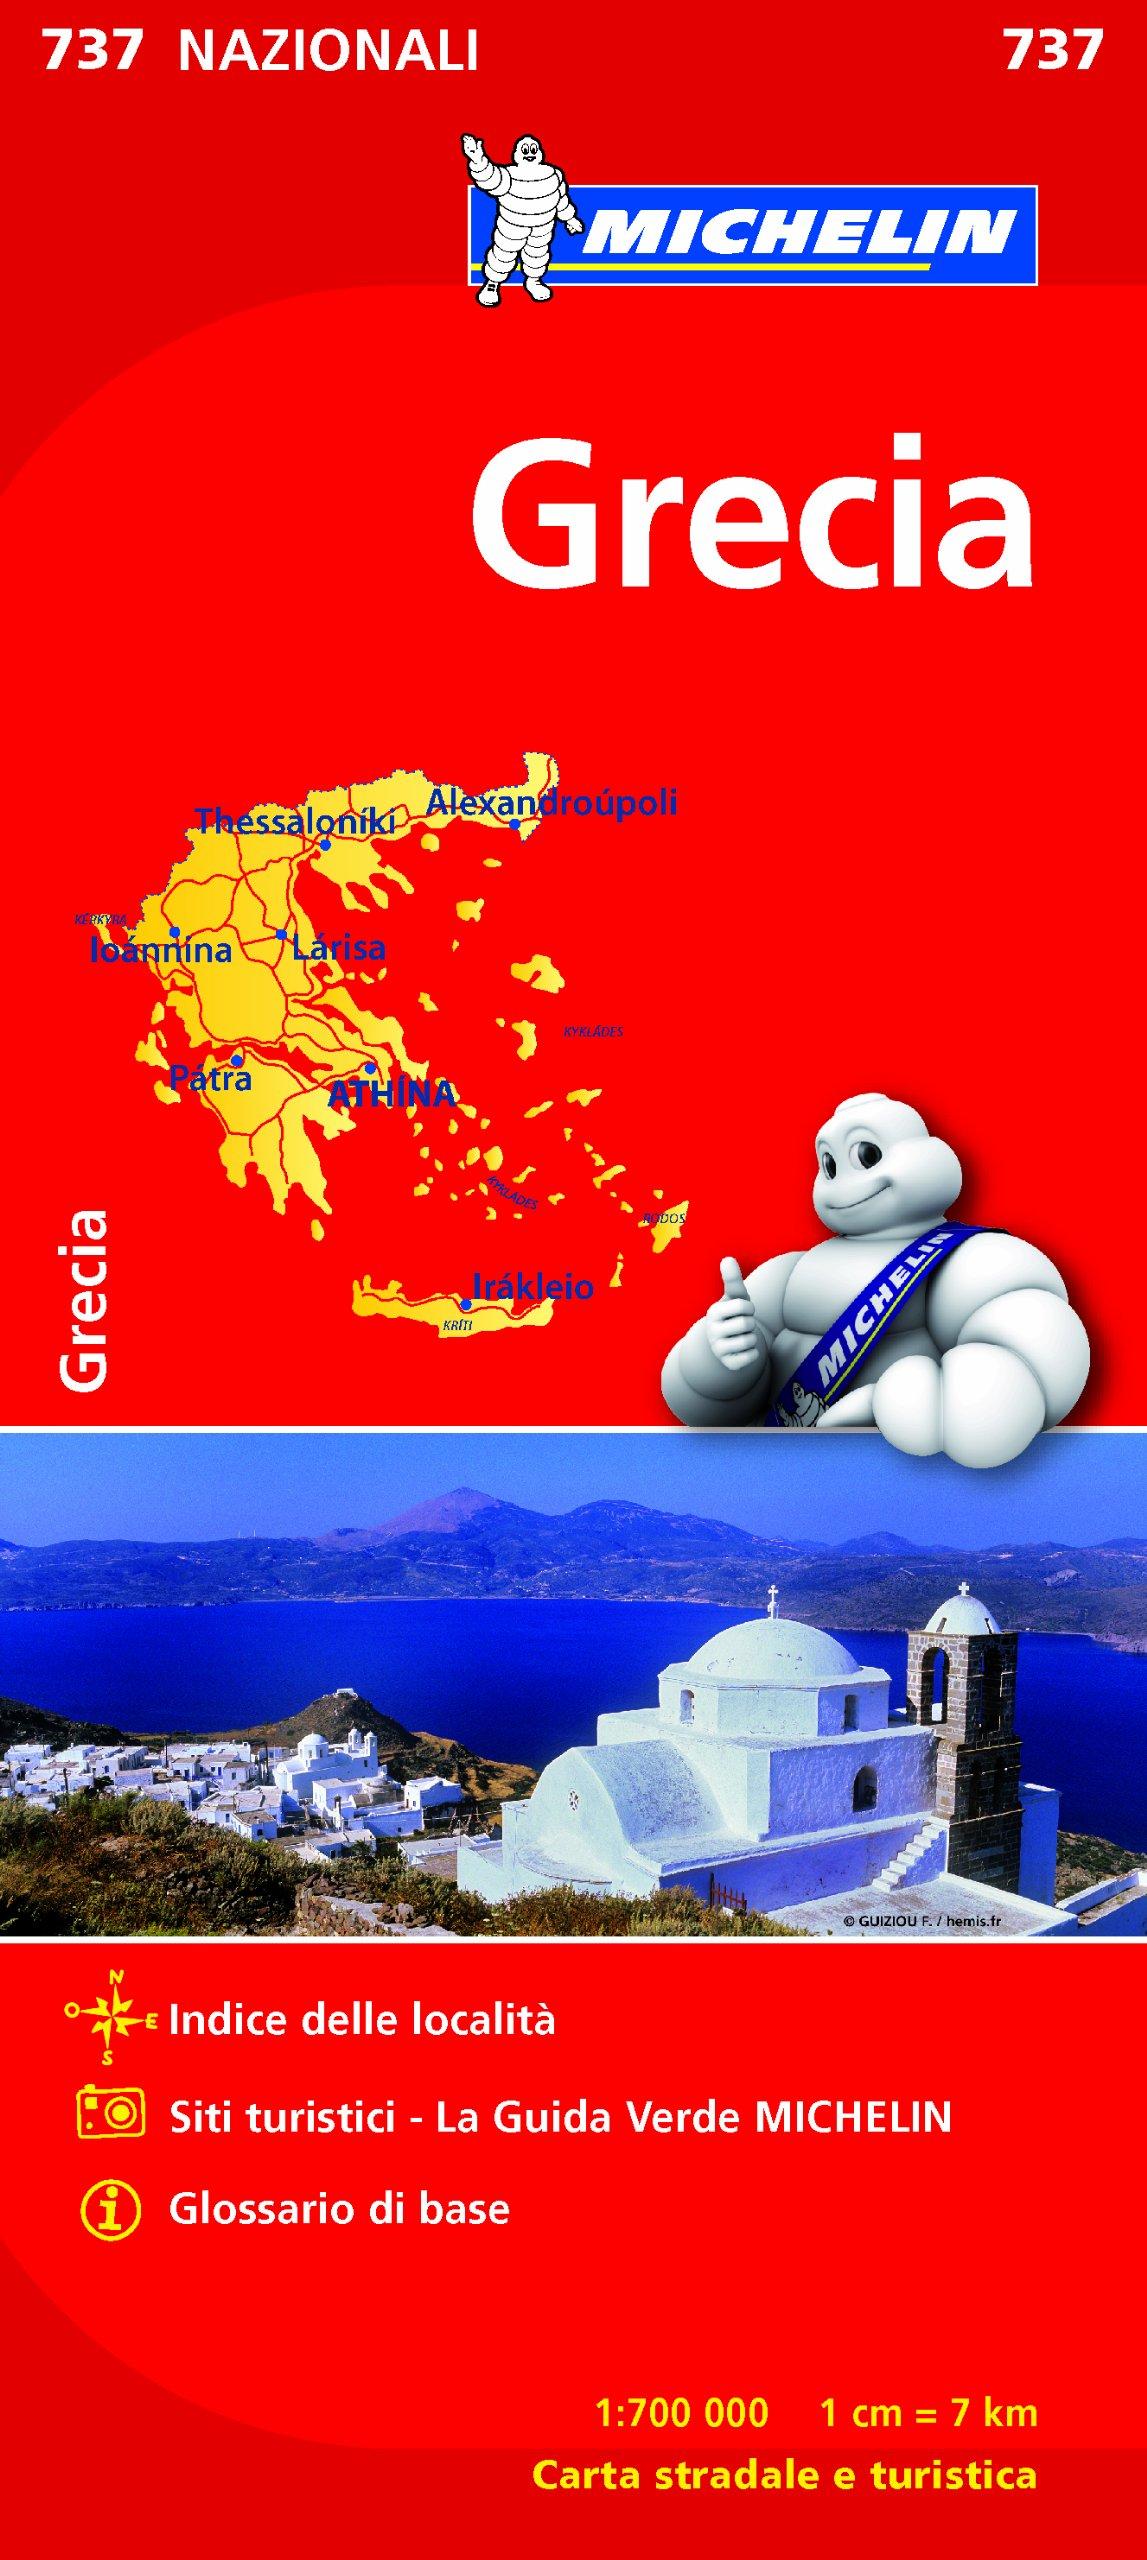 Cartina Geografica Italia Michelin.Grecia 1 700 000 Mappa 14 Lug 2016 Michelin Italiana 2067172050